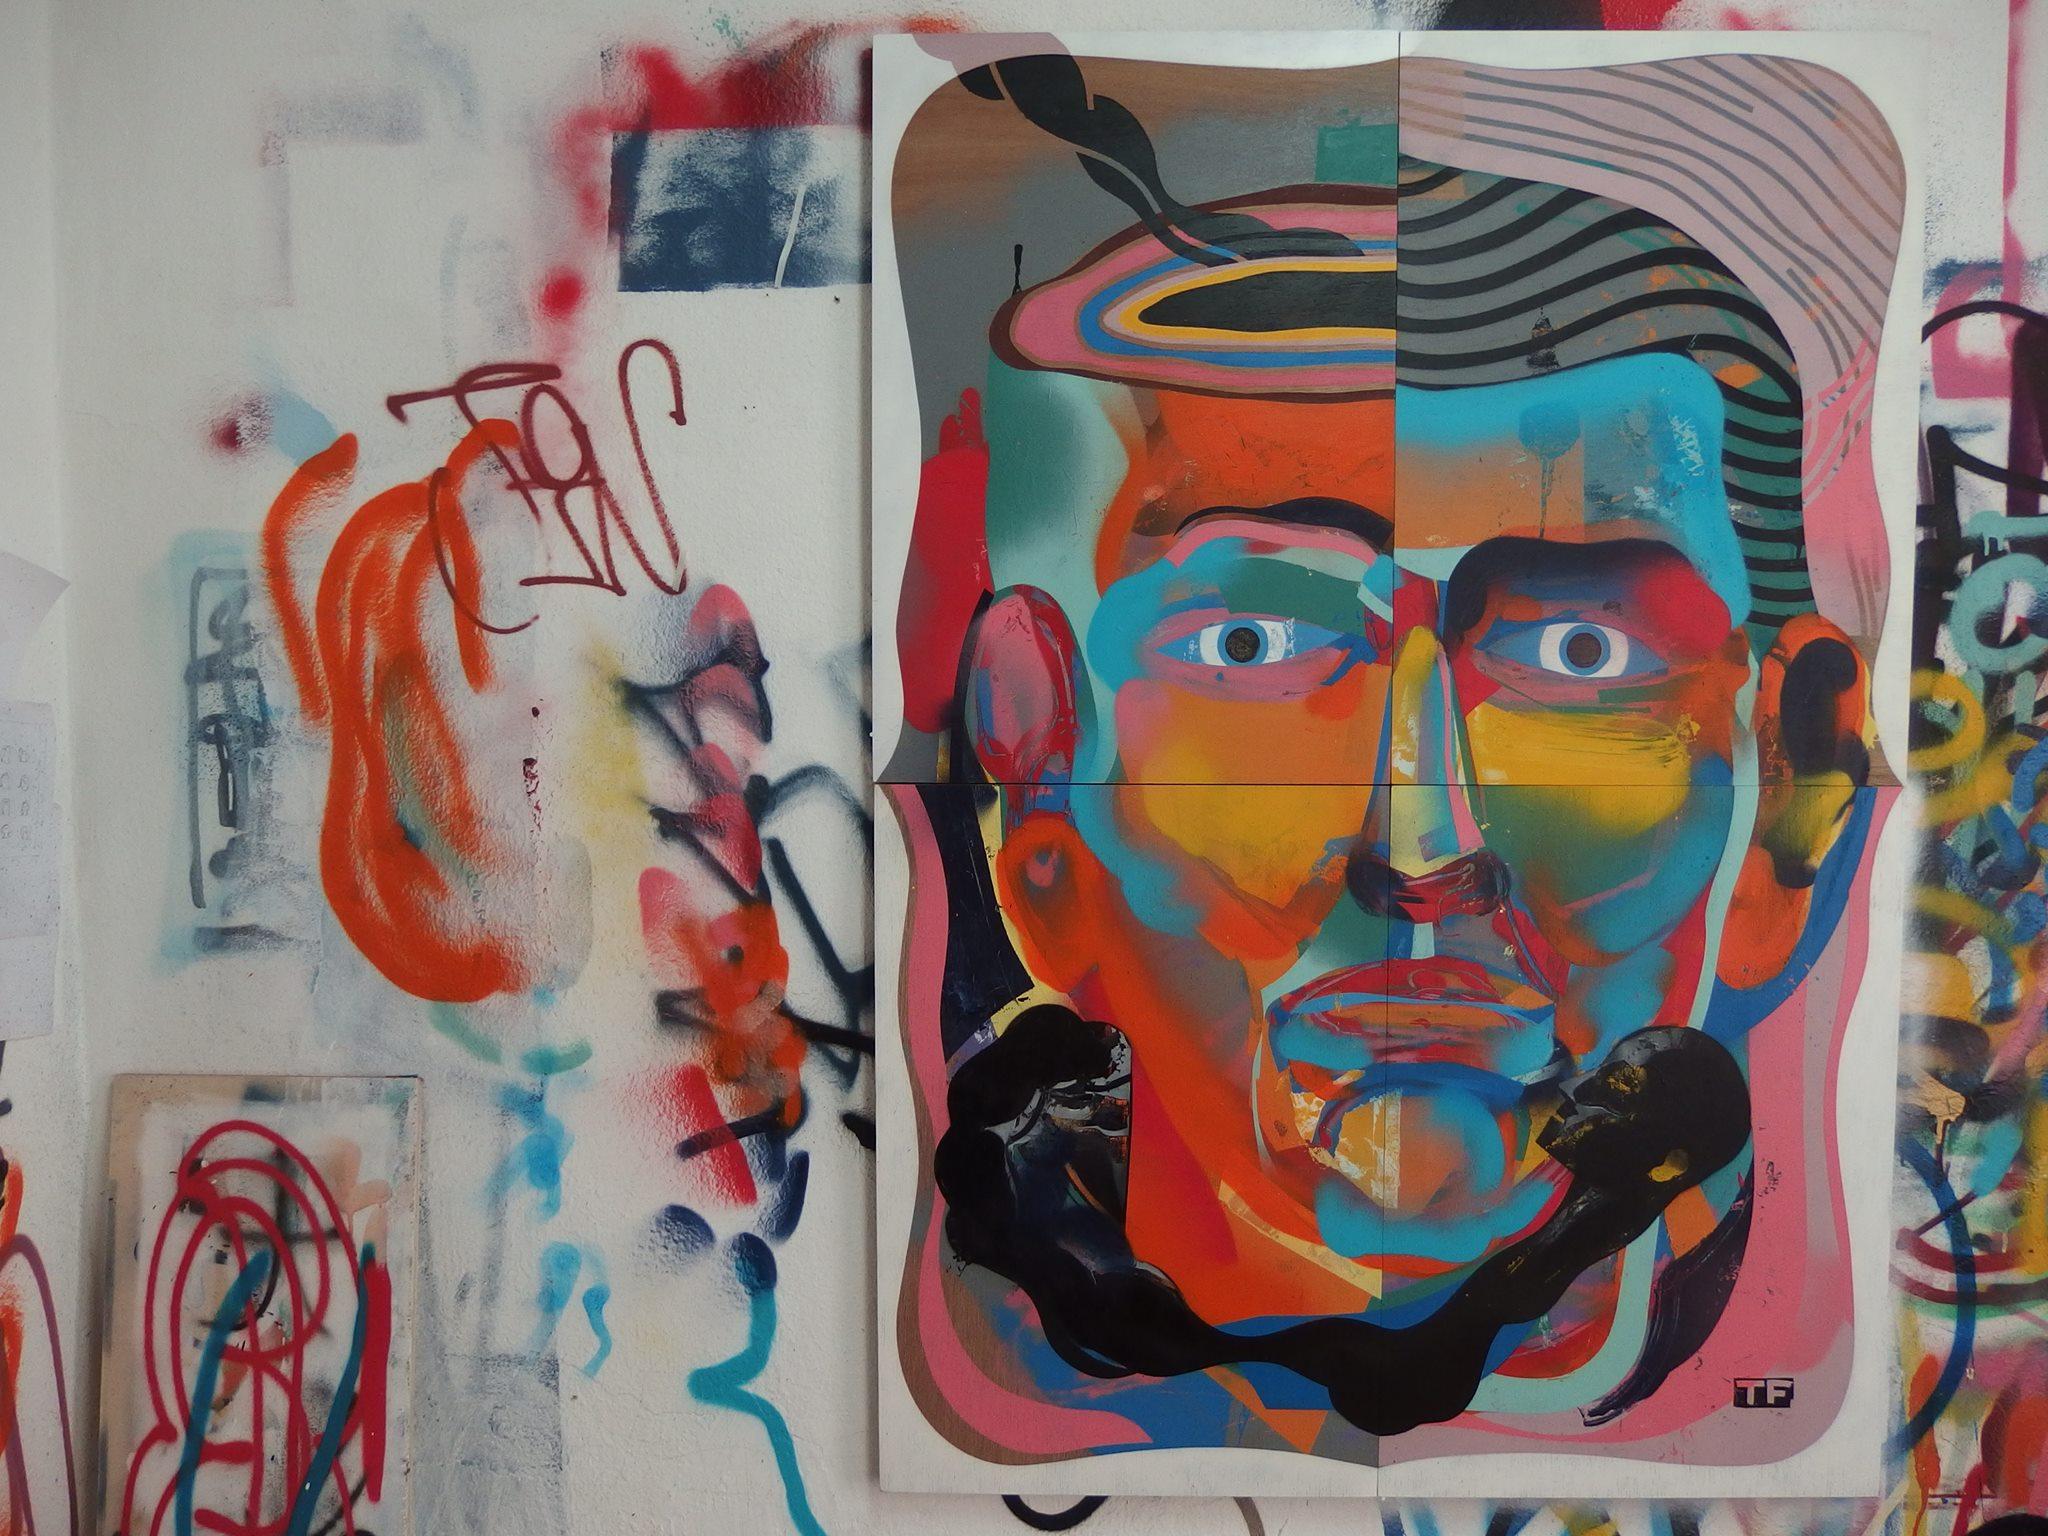 titi freak graffiti sp street art (1)